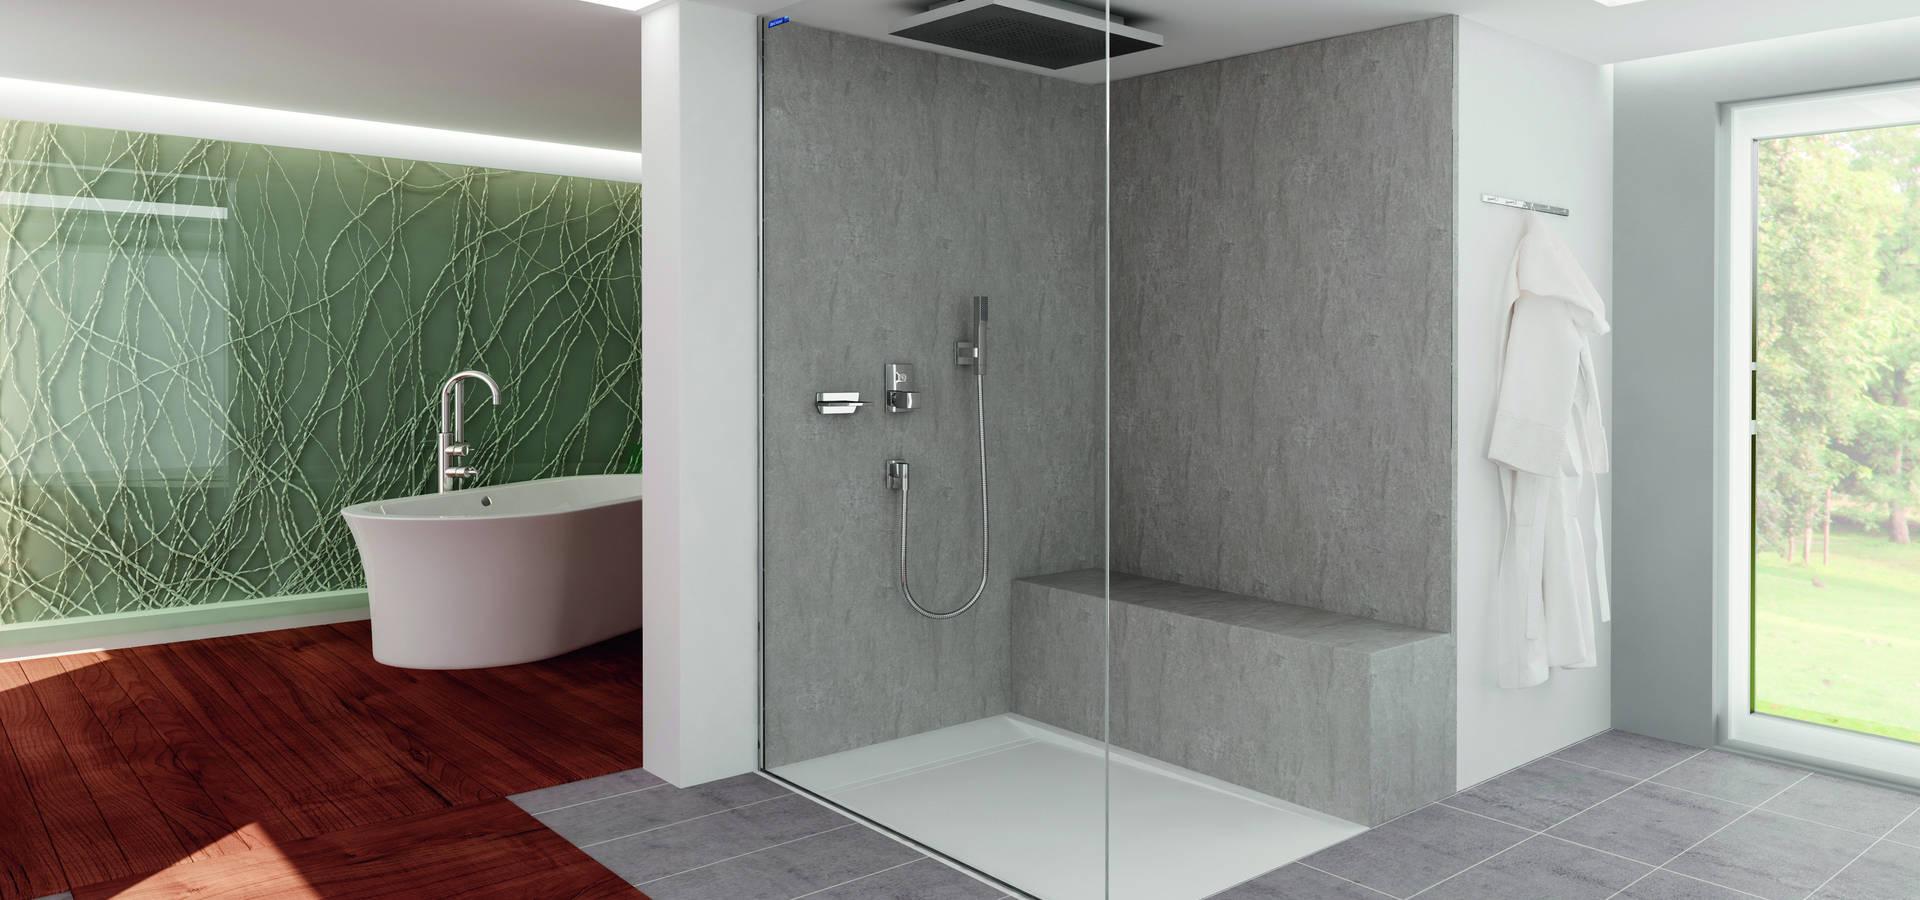 duschkabine air von duscholux sanit rprodukte gmbh homify. Black Bedroom Furniture Sets. Home Design Ideas